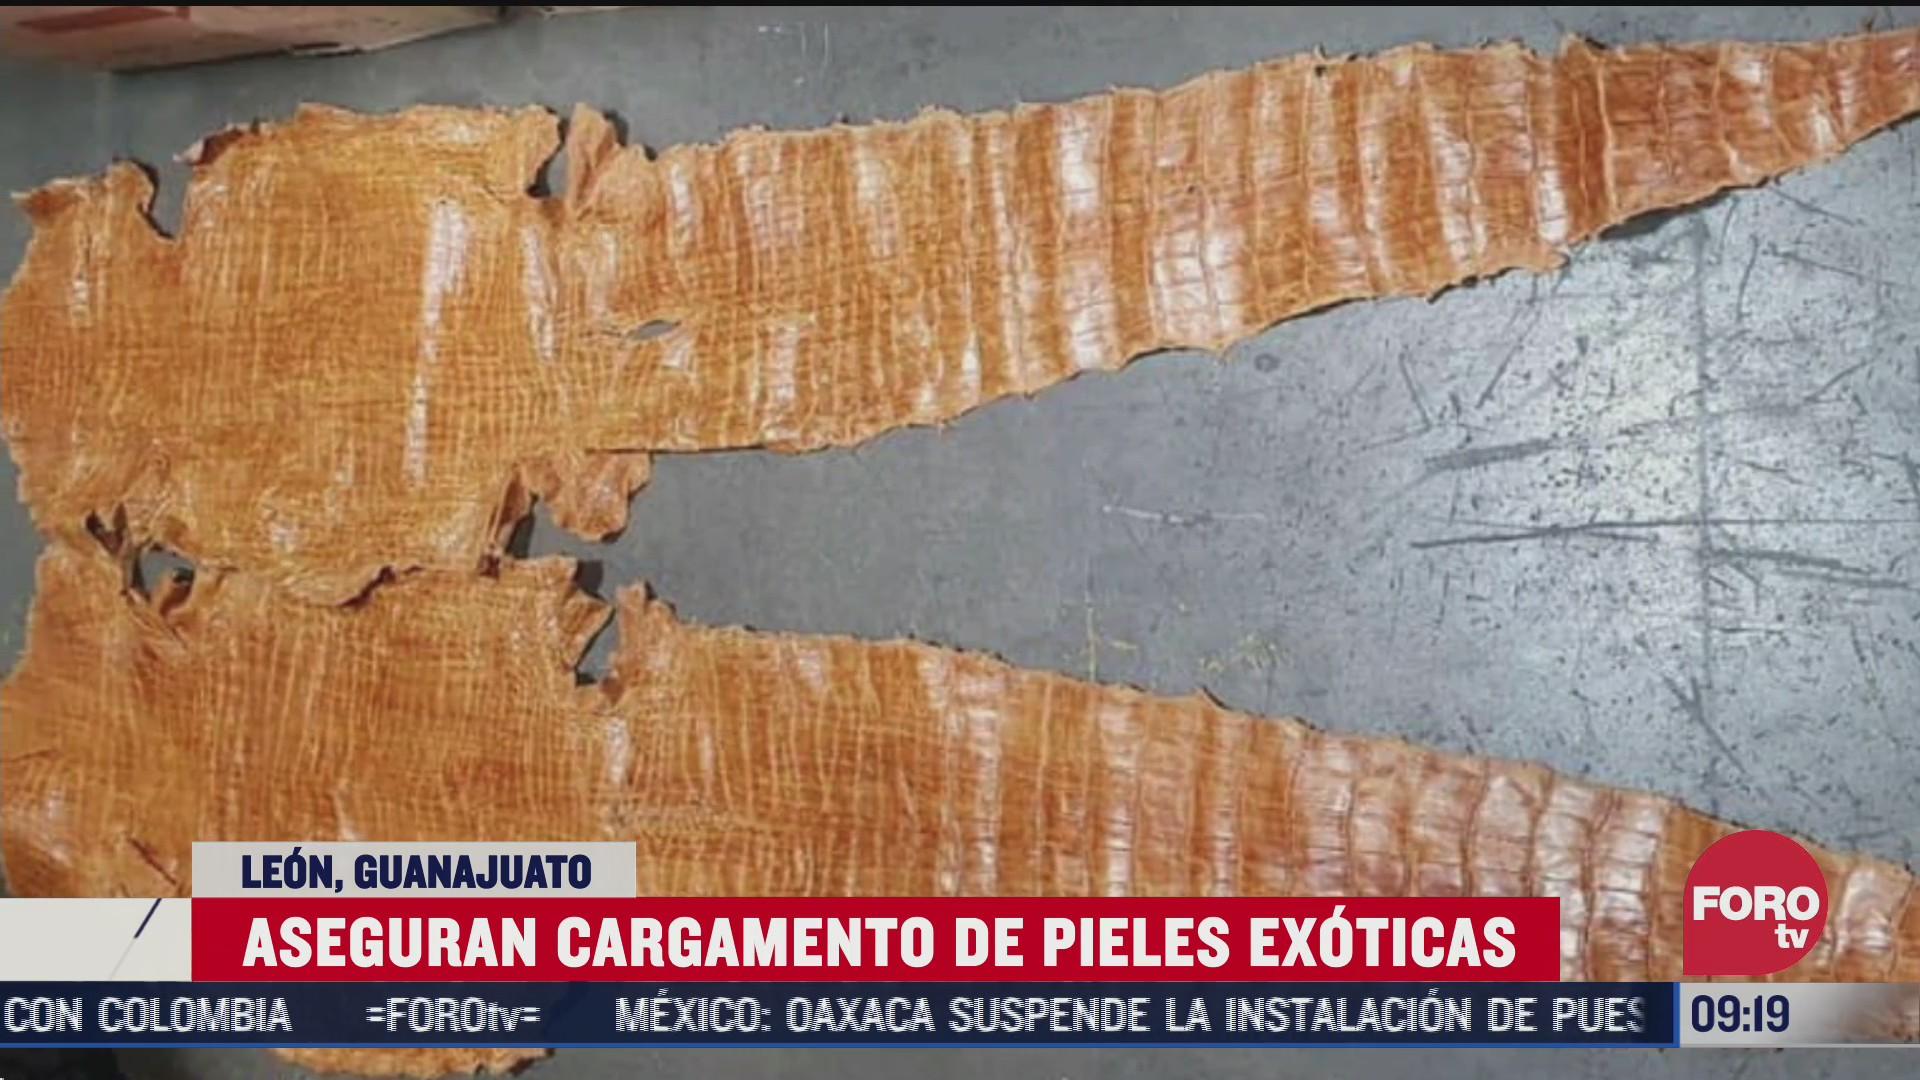 elementos de la guardia nacional interceptan un envio con pieles exoticas